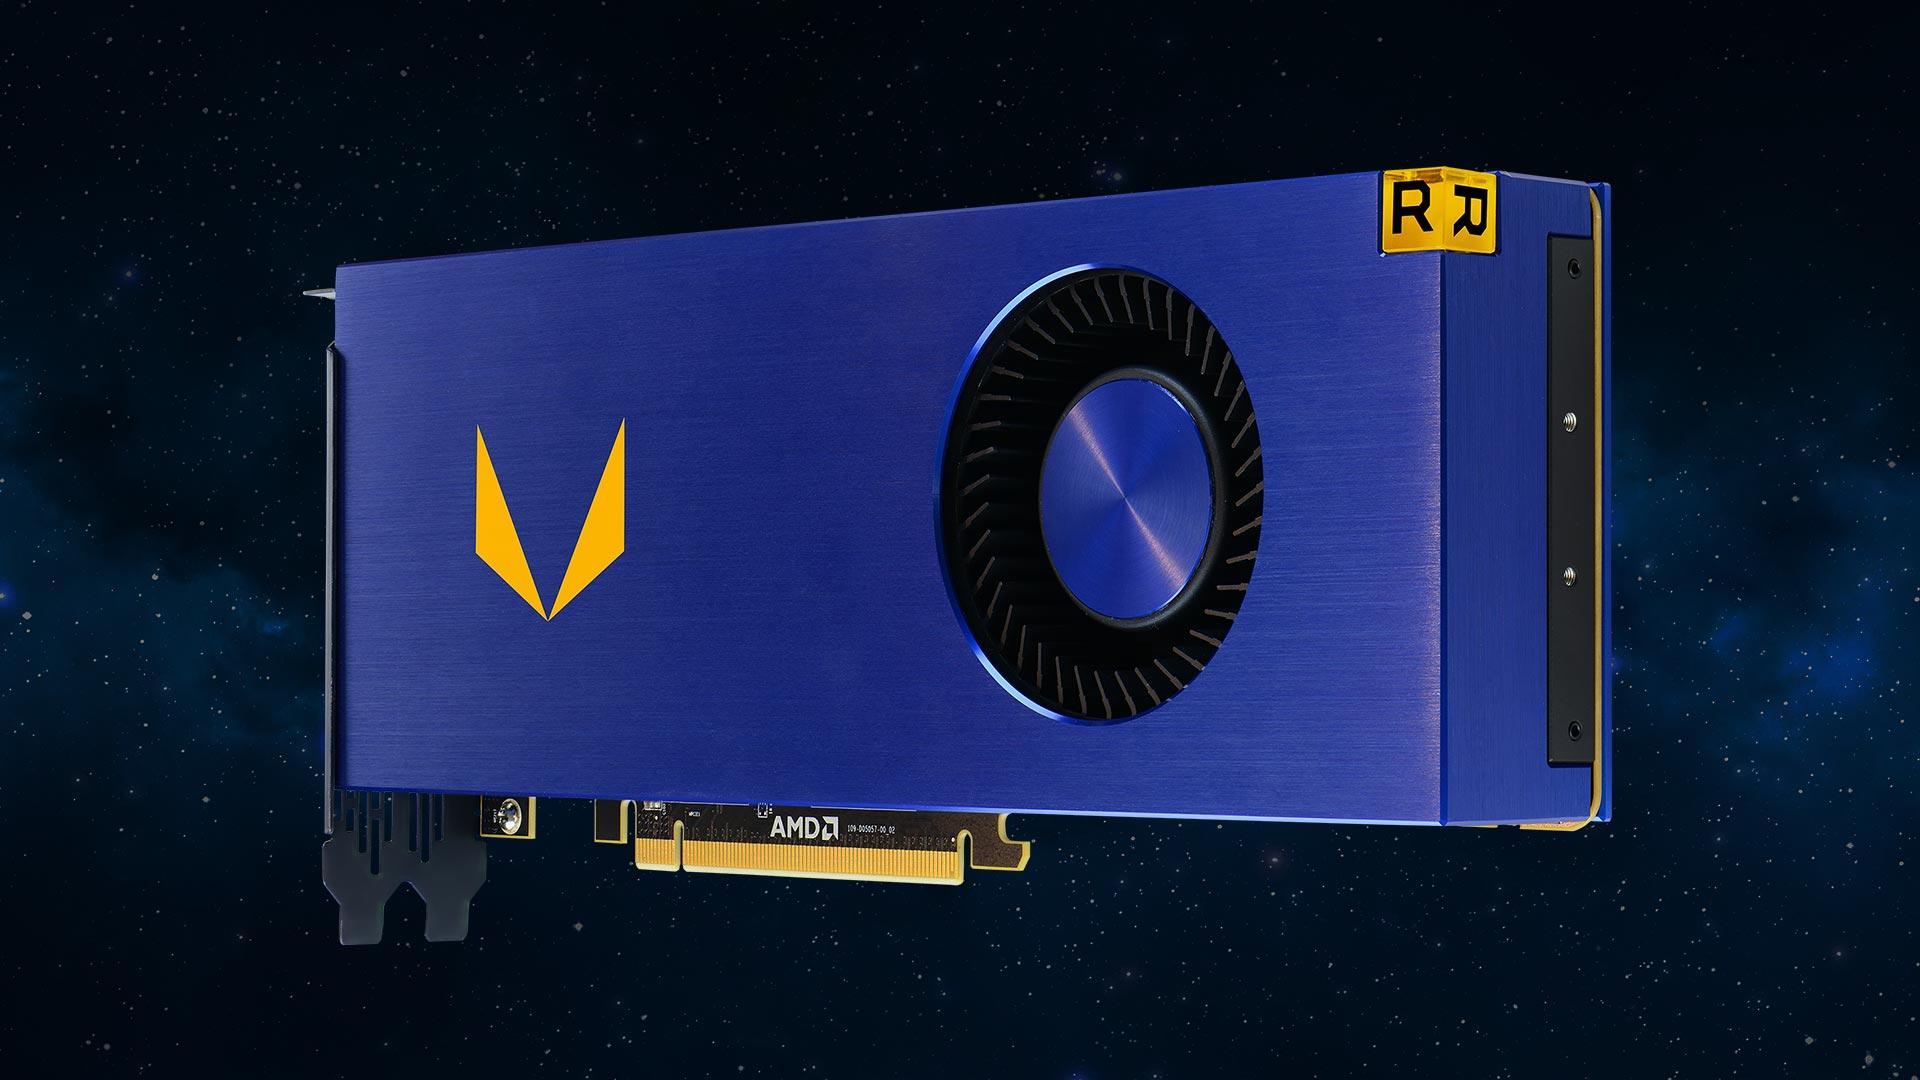 Radeon Vega Frontier